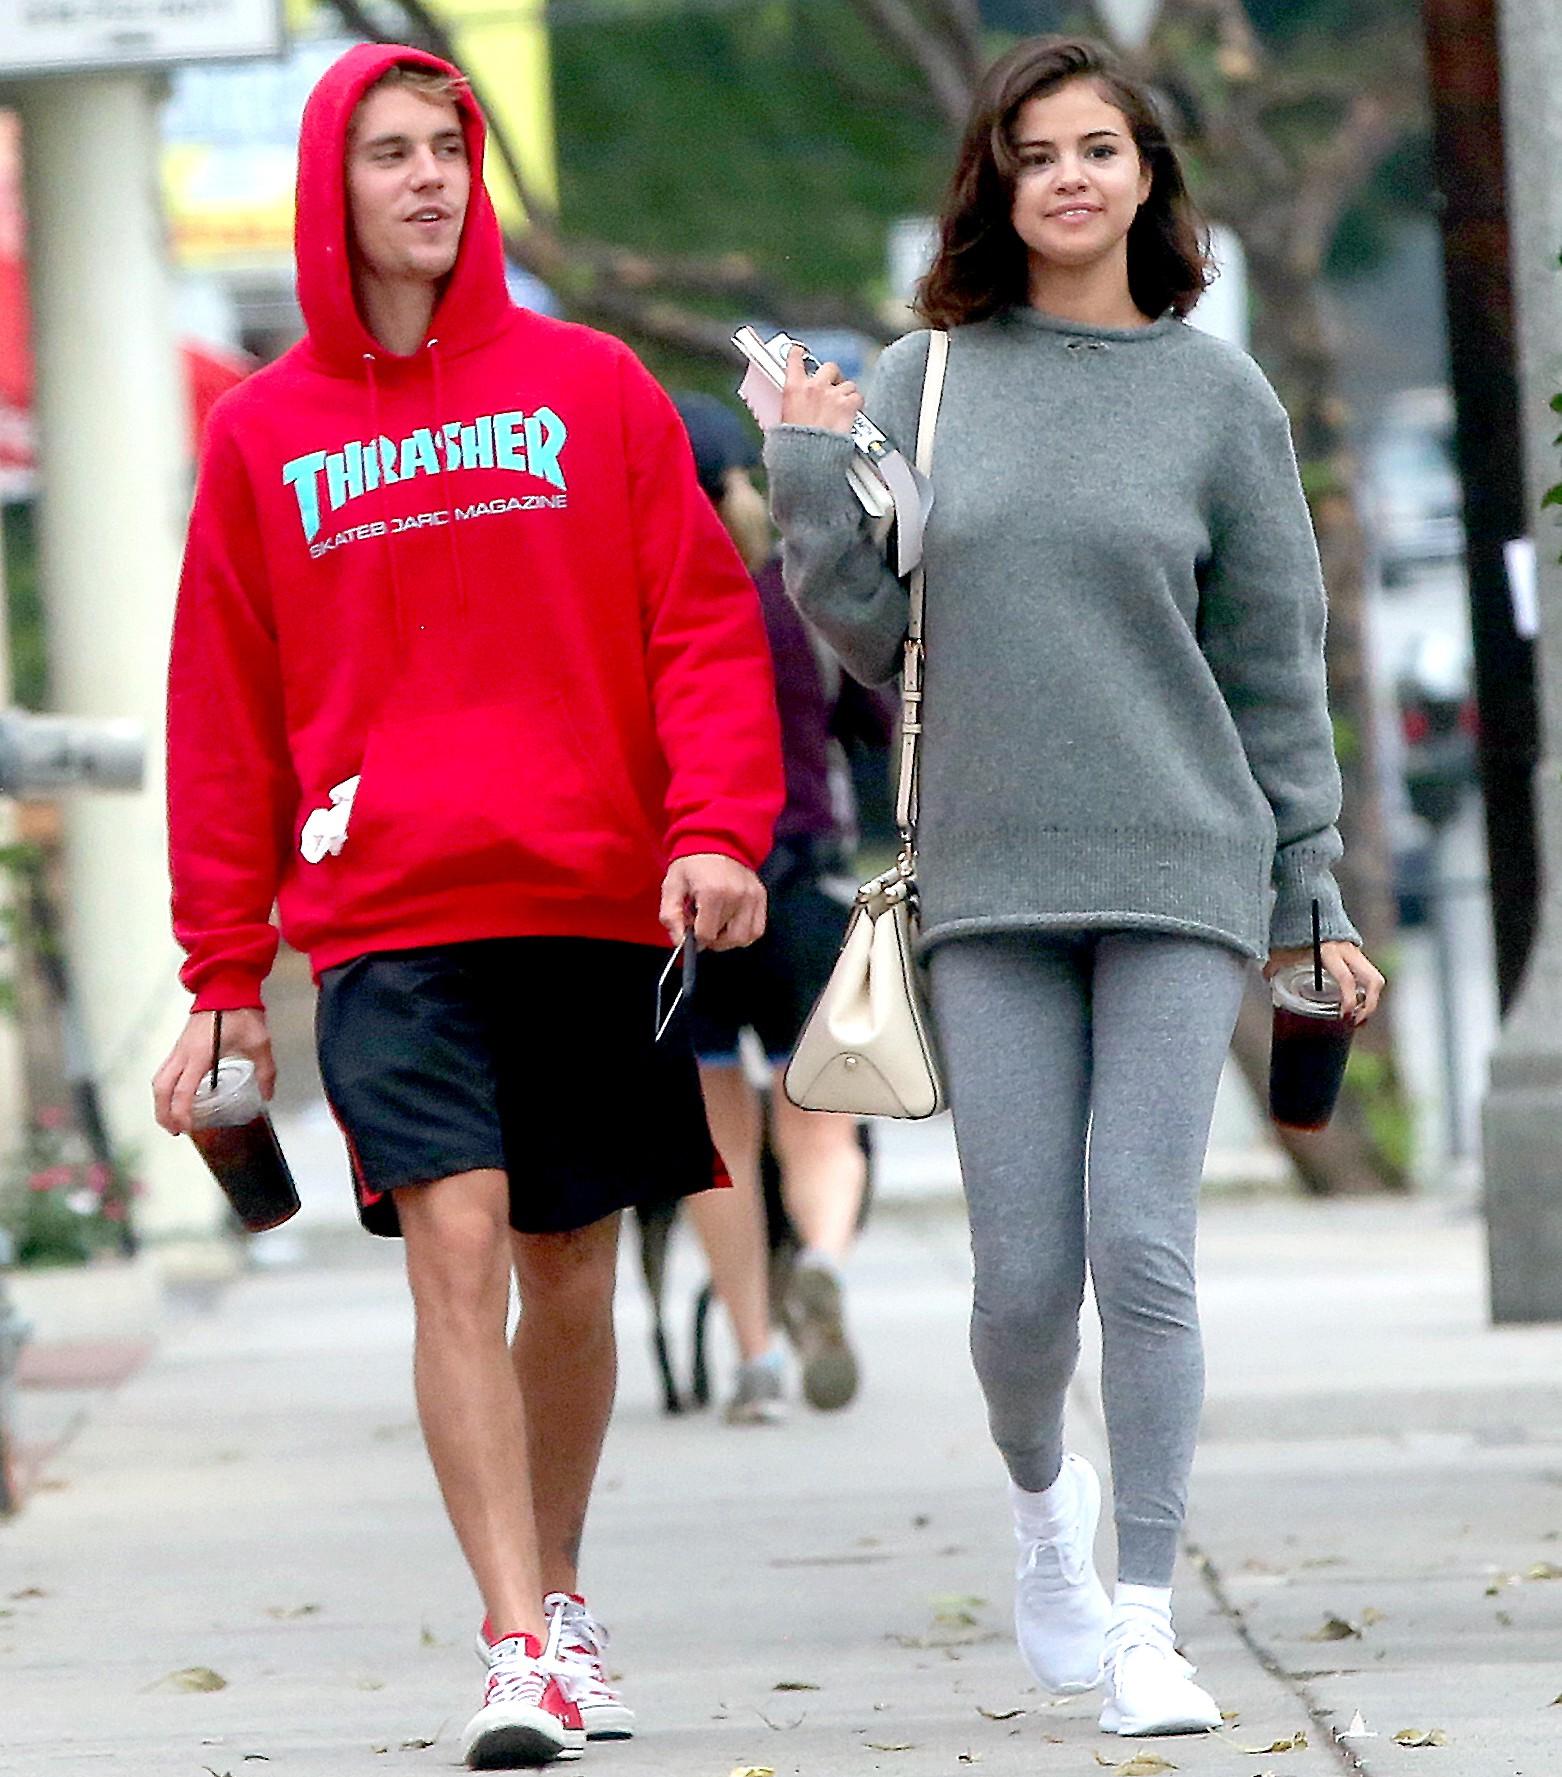 Thực hư về bức tâm thư cảm động Selena Gomez dành cho Justin Bieber khi anh sắp là chồng người khác - Ảnh 2.